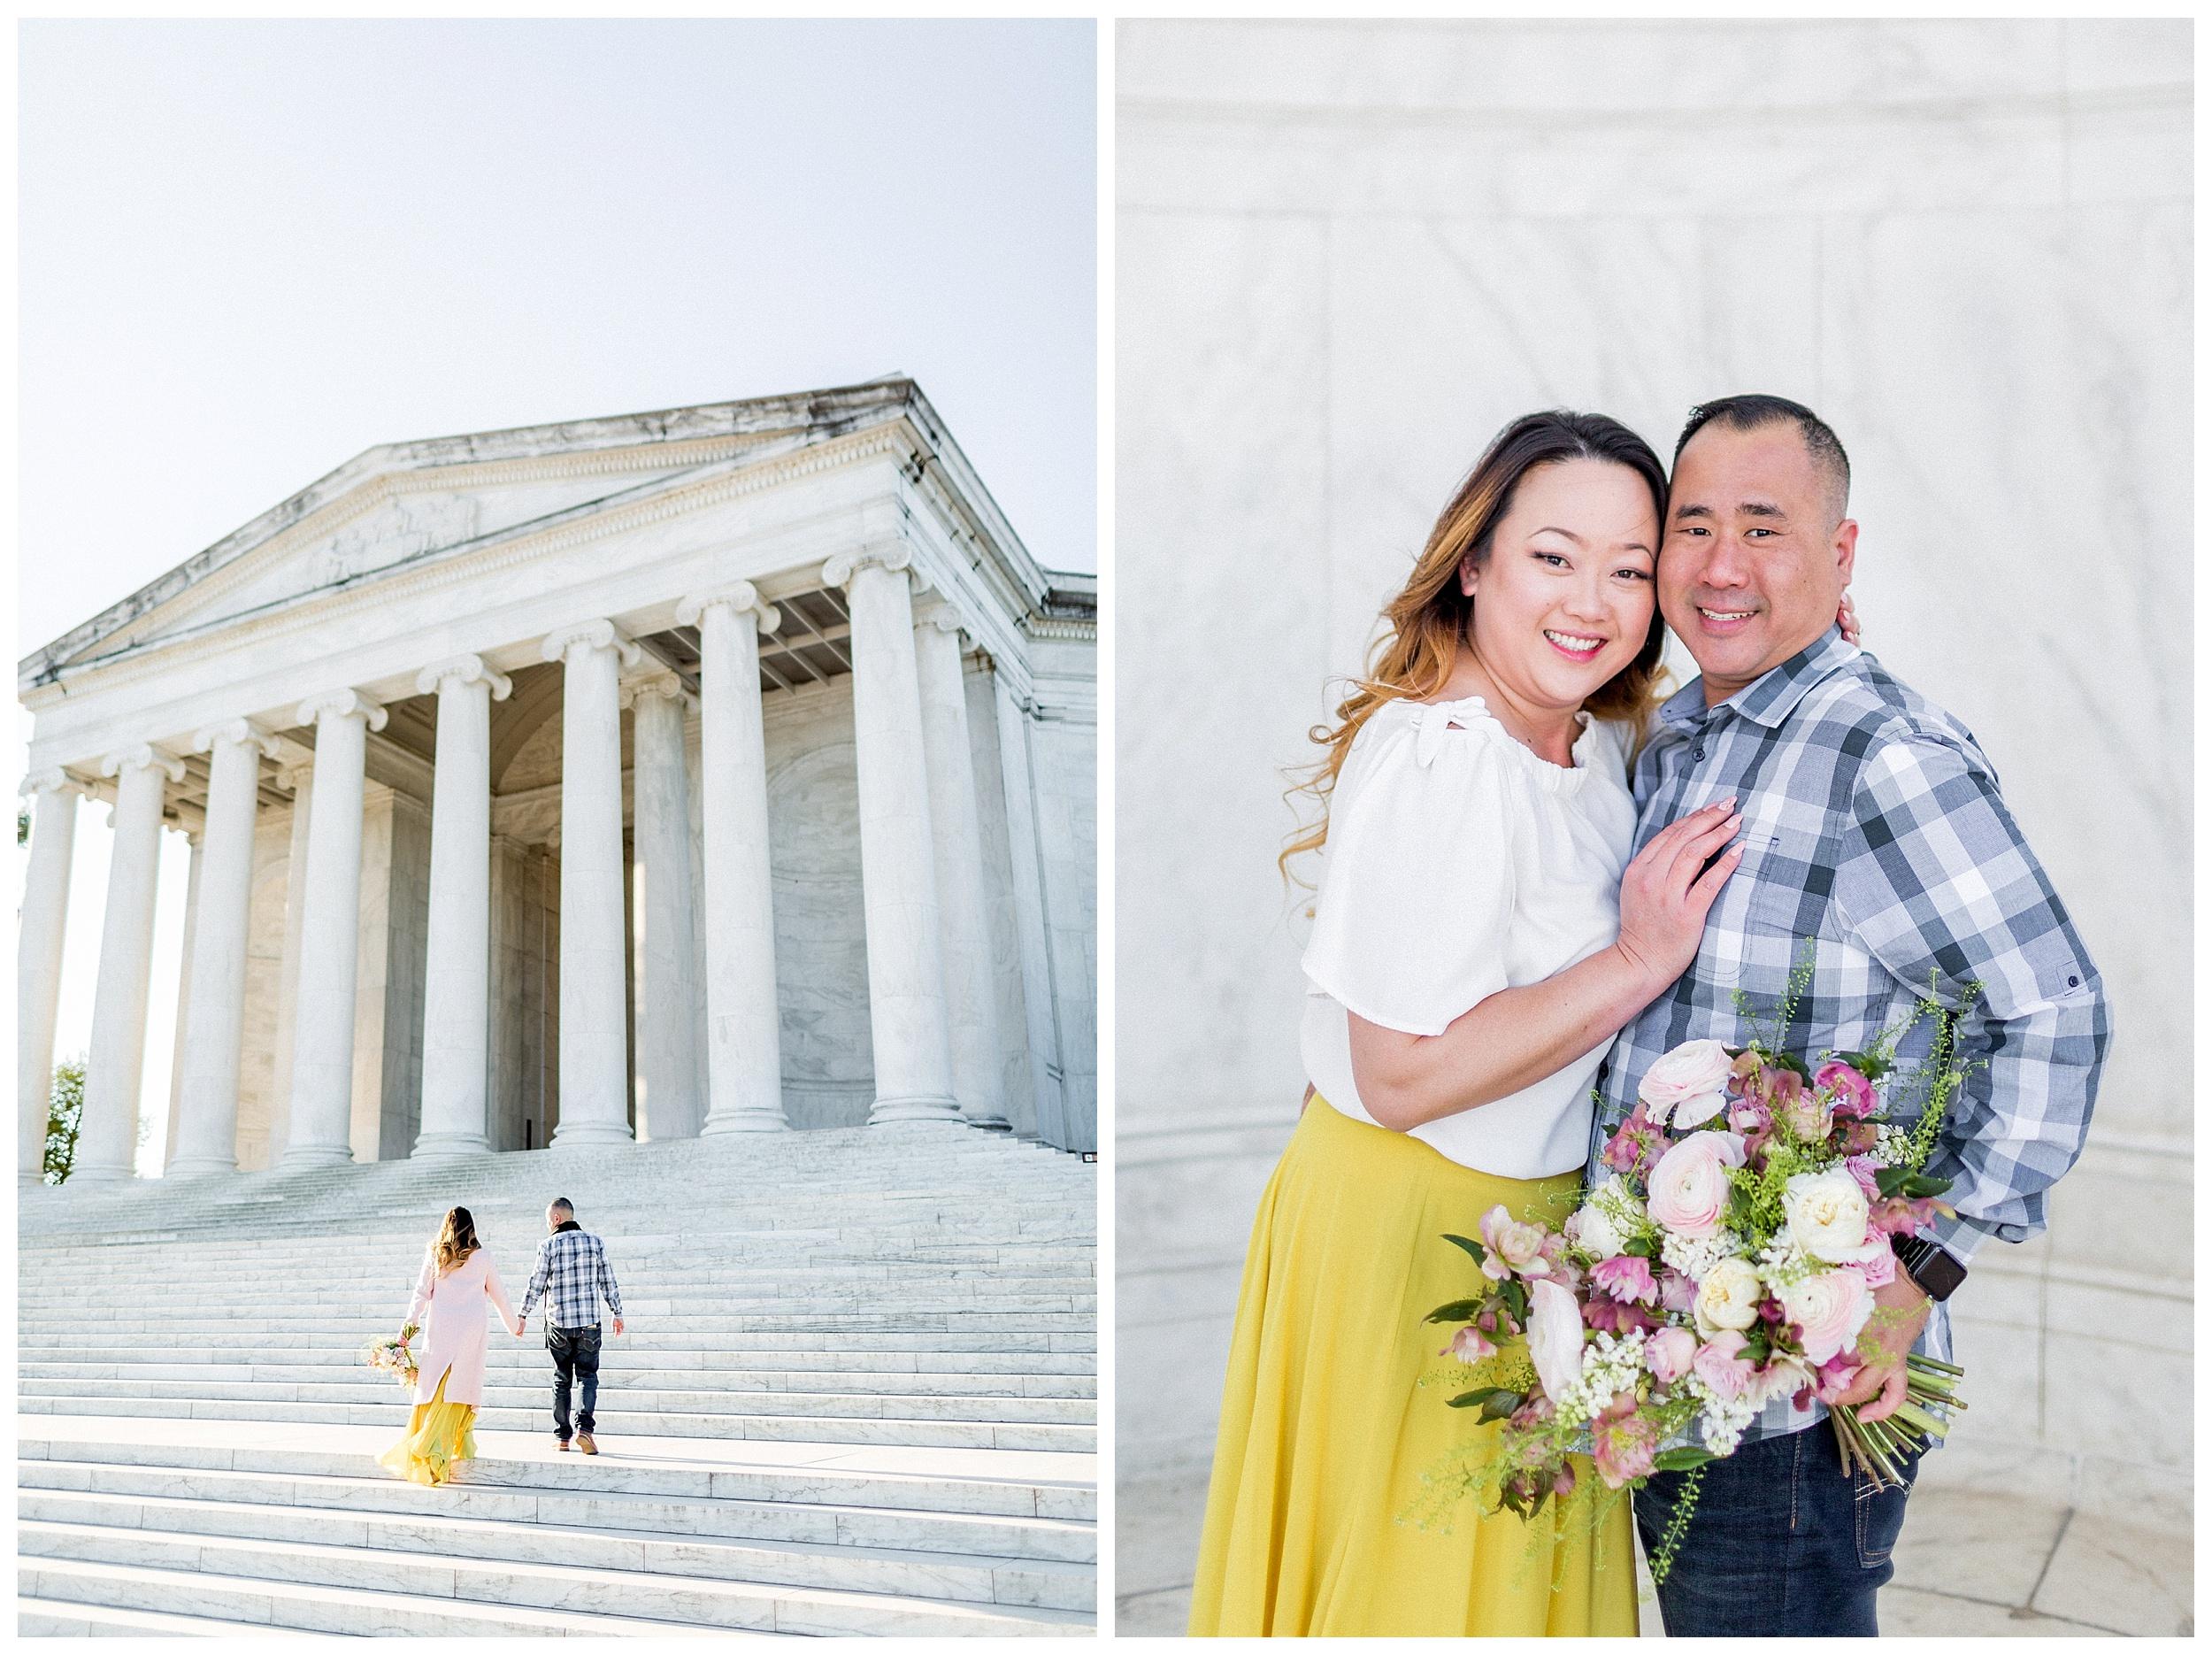 Washington DC Engagement Photos | Thomas Jefferson Engagement Session_0010.jpg